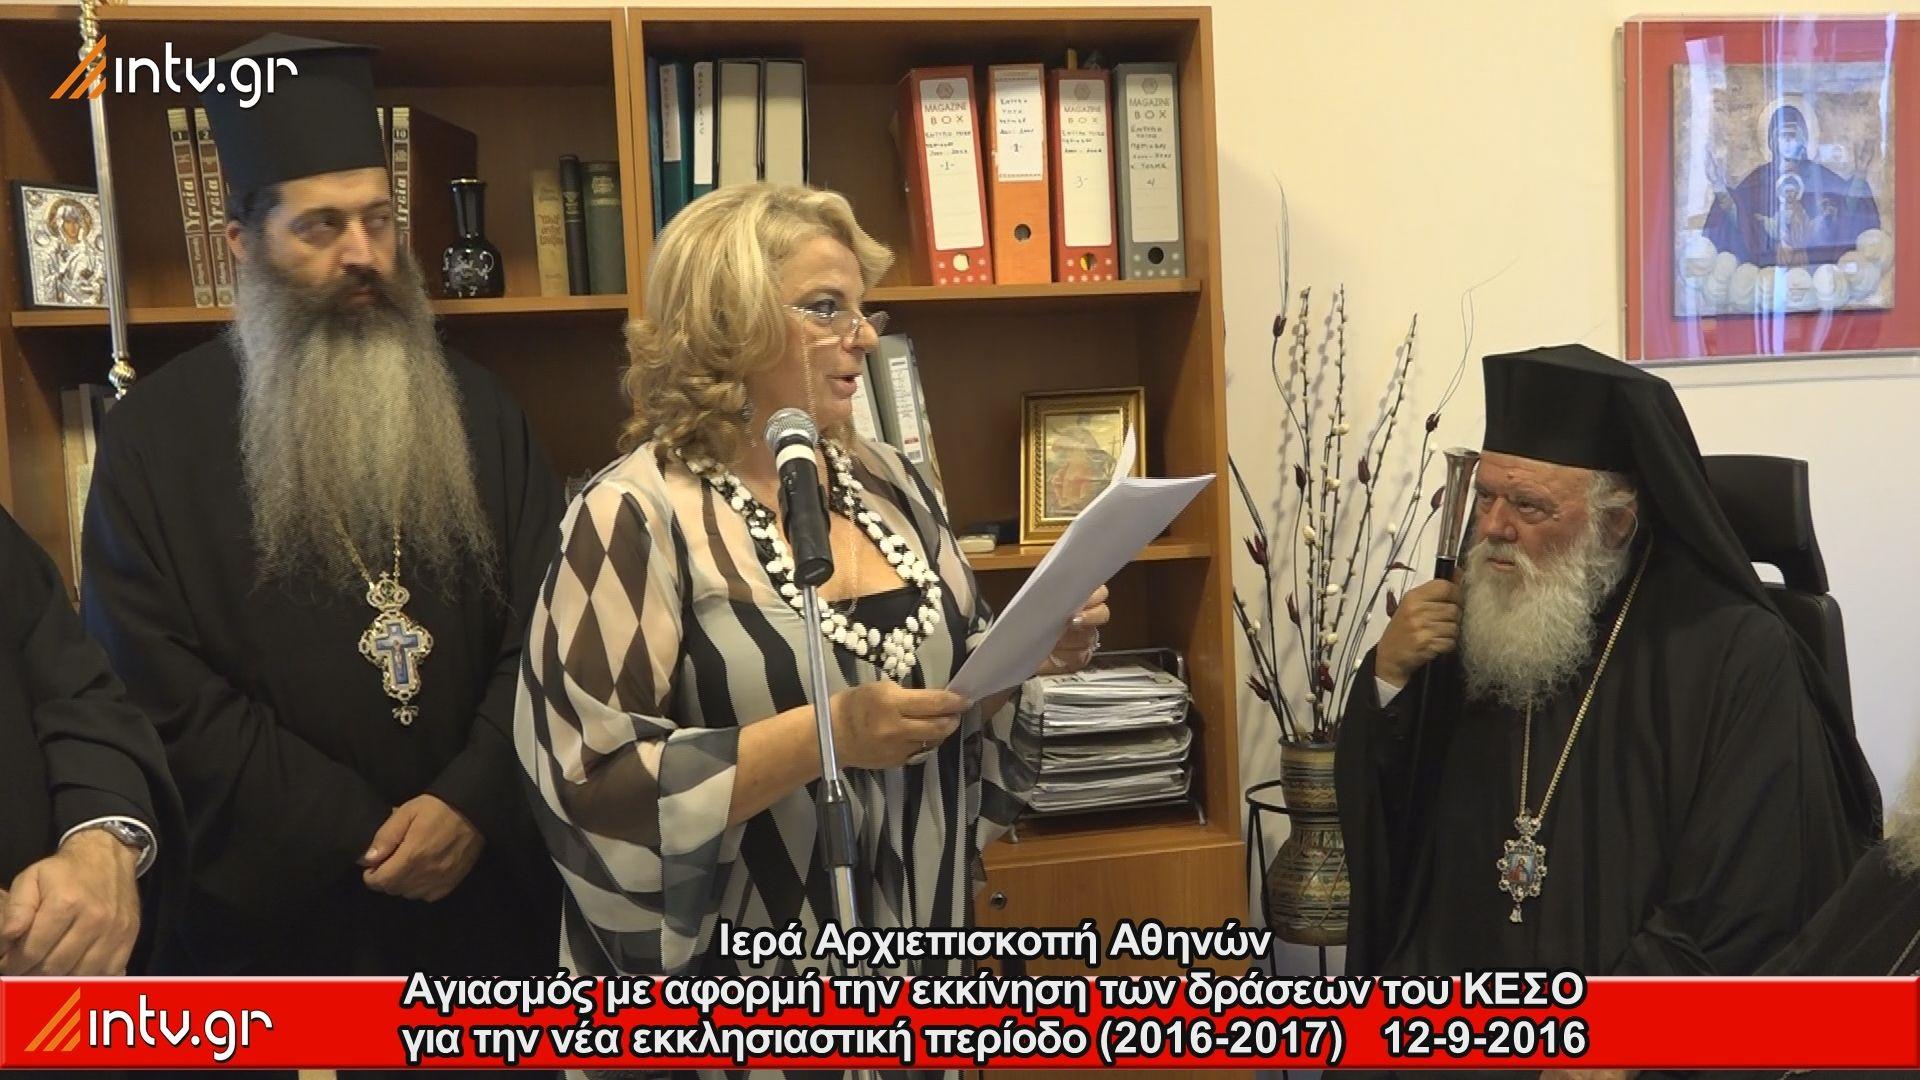 Ιερά Αρχιεπισκοπή Αθηνών - Αγιασμός με αφορμή την εκκίνηση των δράσεων του ΚΕΣΟ για την νέα εκκλησιαστική περίοδο (2016-2017)